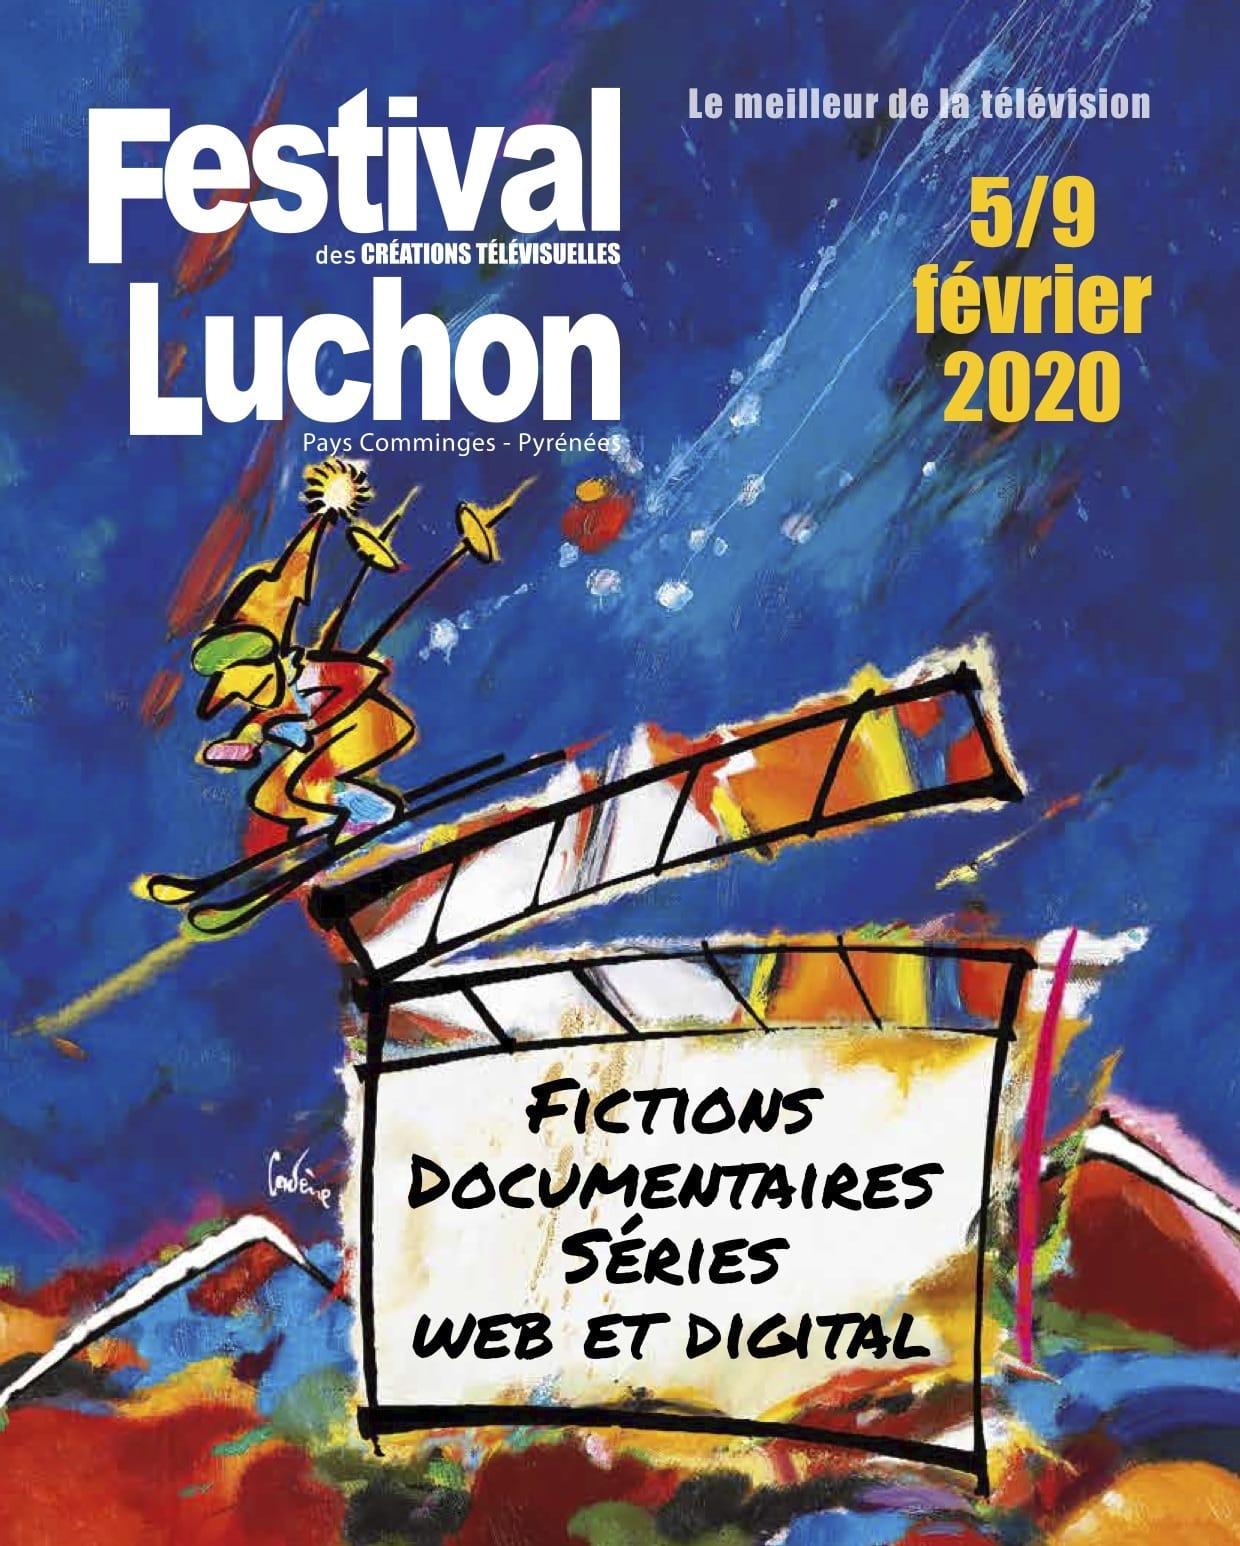 Festival de Luchon 2020 affiche fictions, documentaires